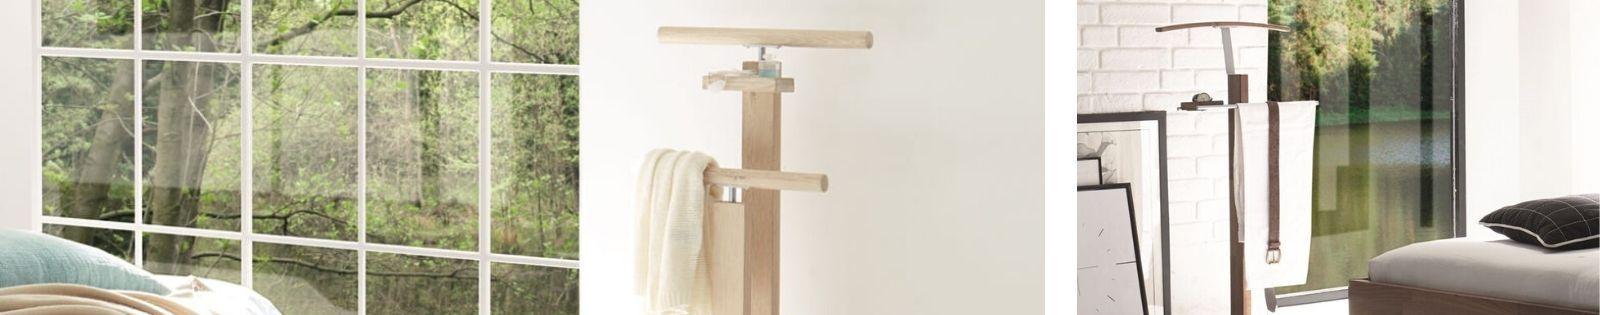 Valets en bois massif : meubles haut de gamme en chêne, hêtre...